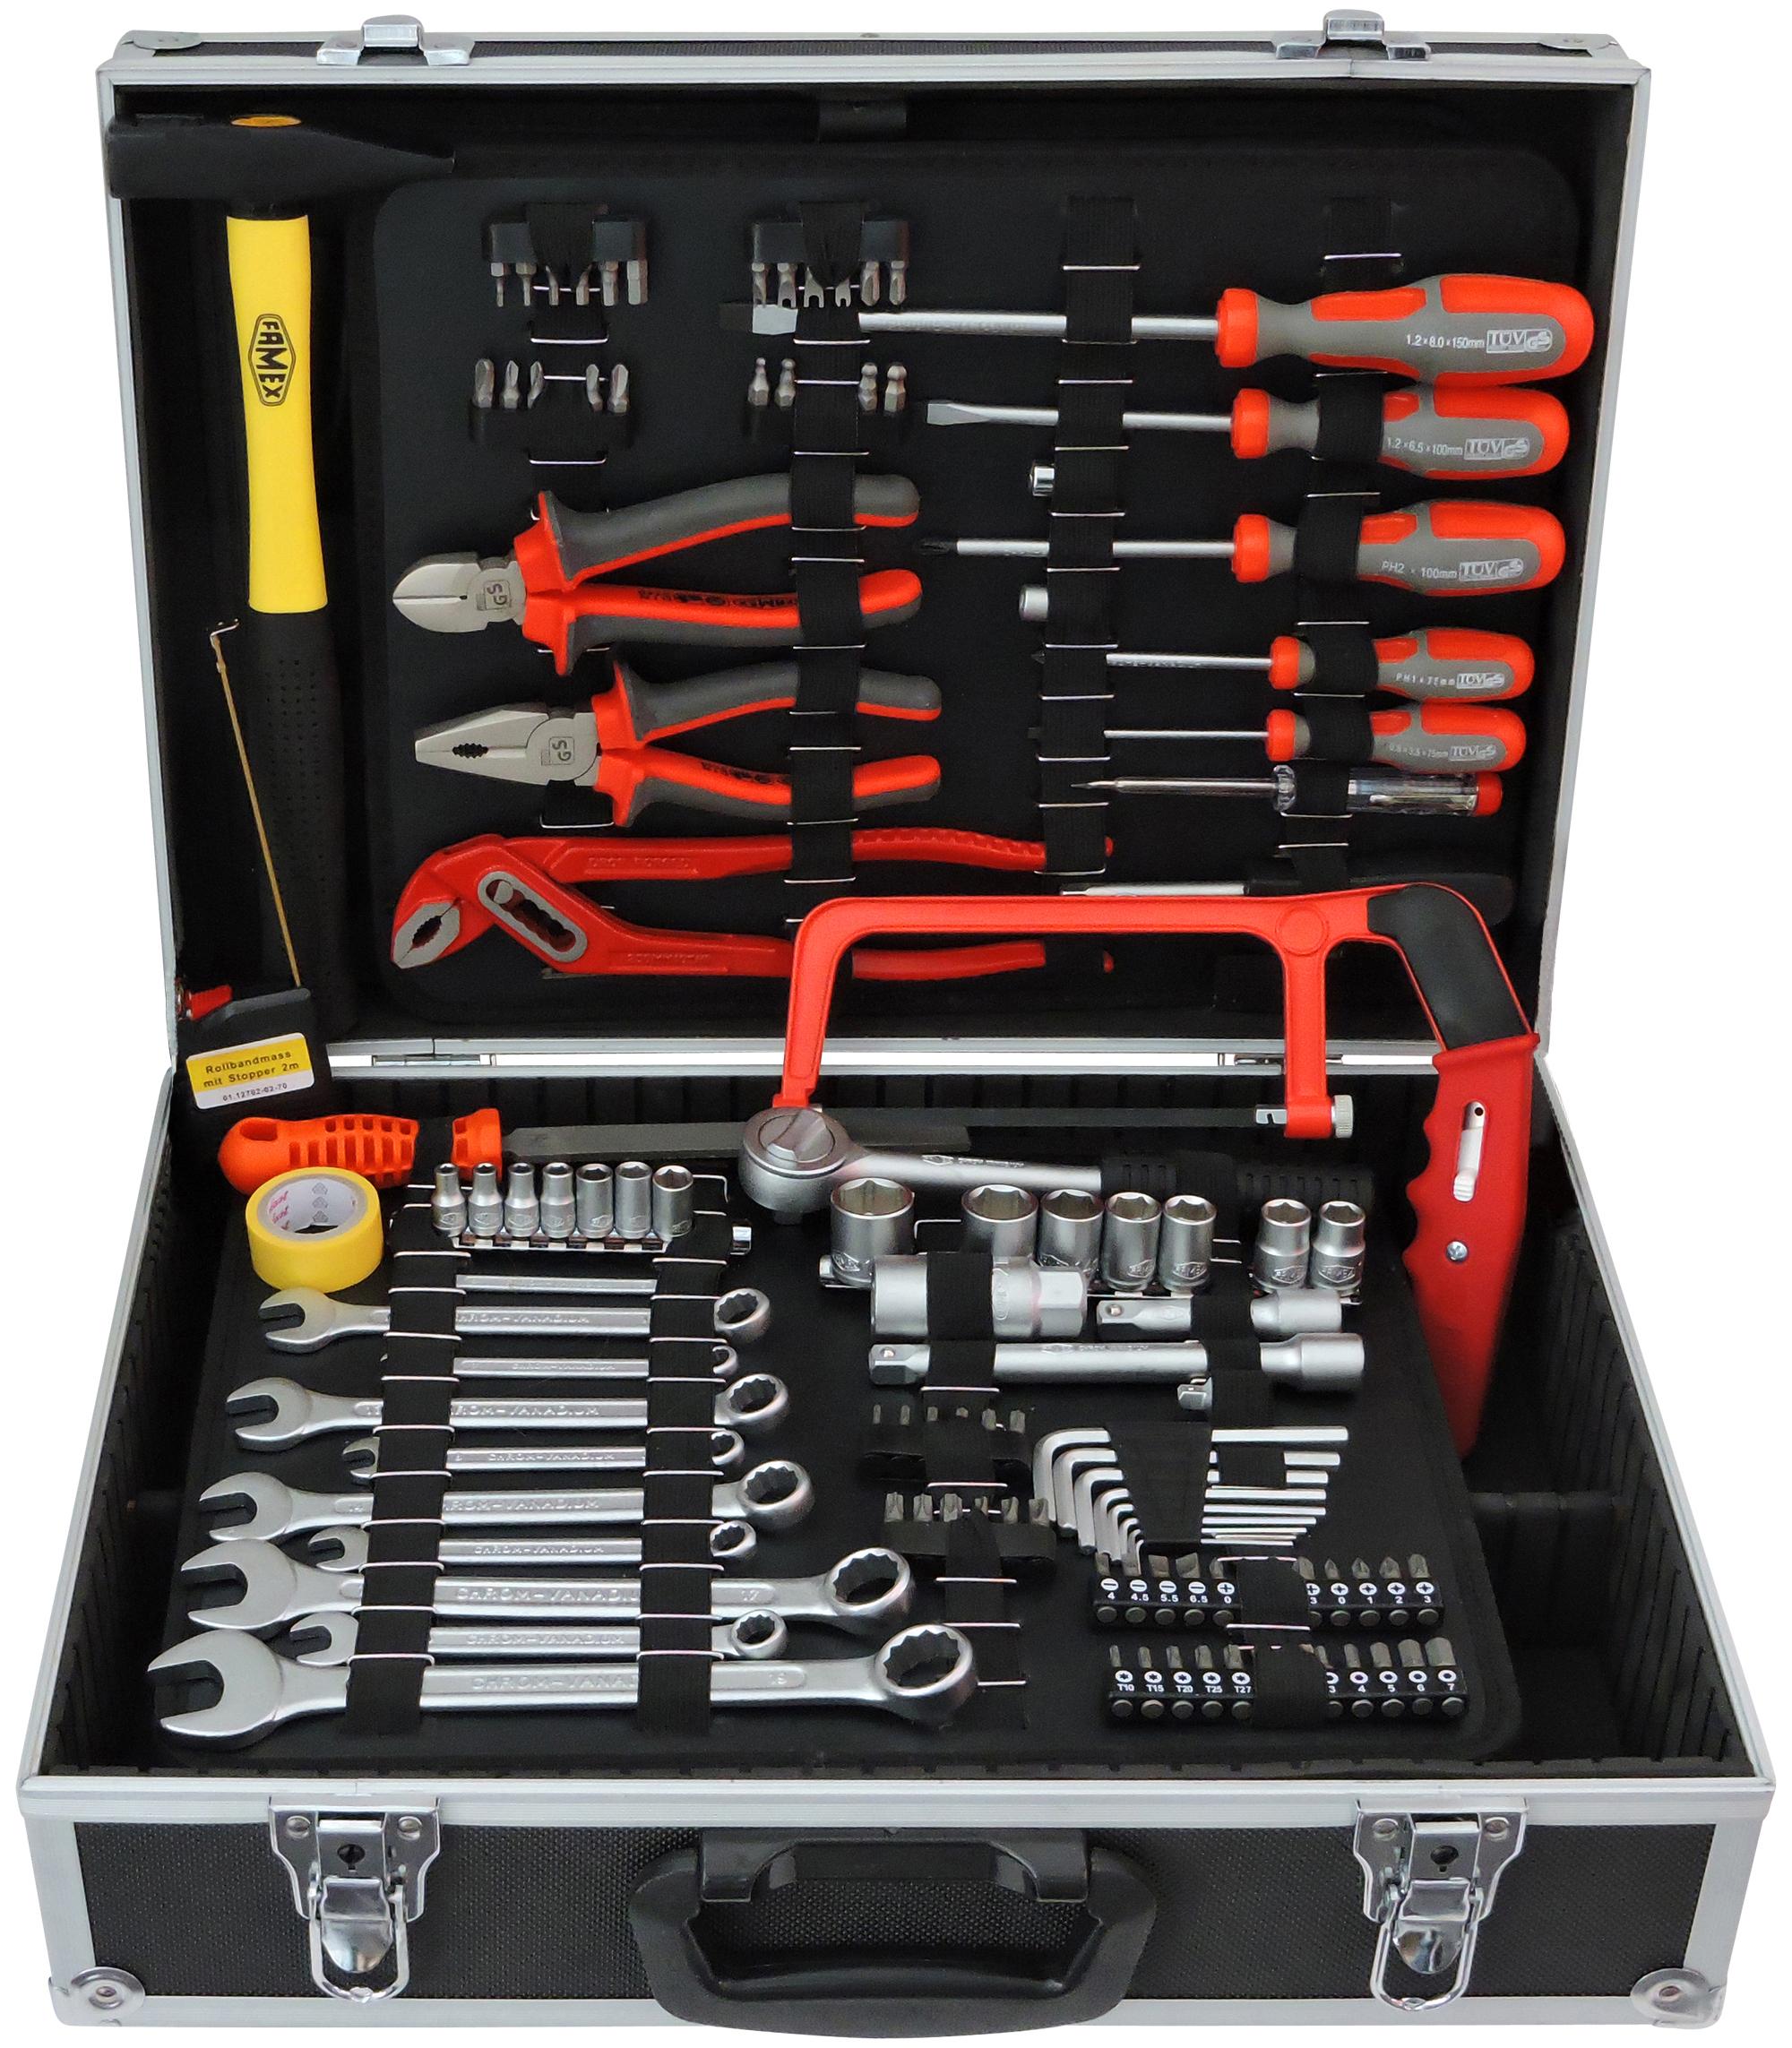 FAMEX 758-65 Universal Tool Kit, 115-/130-pcs